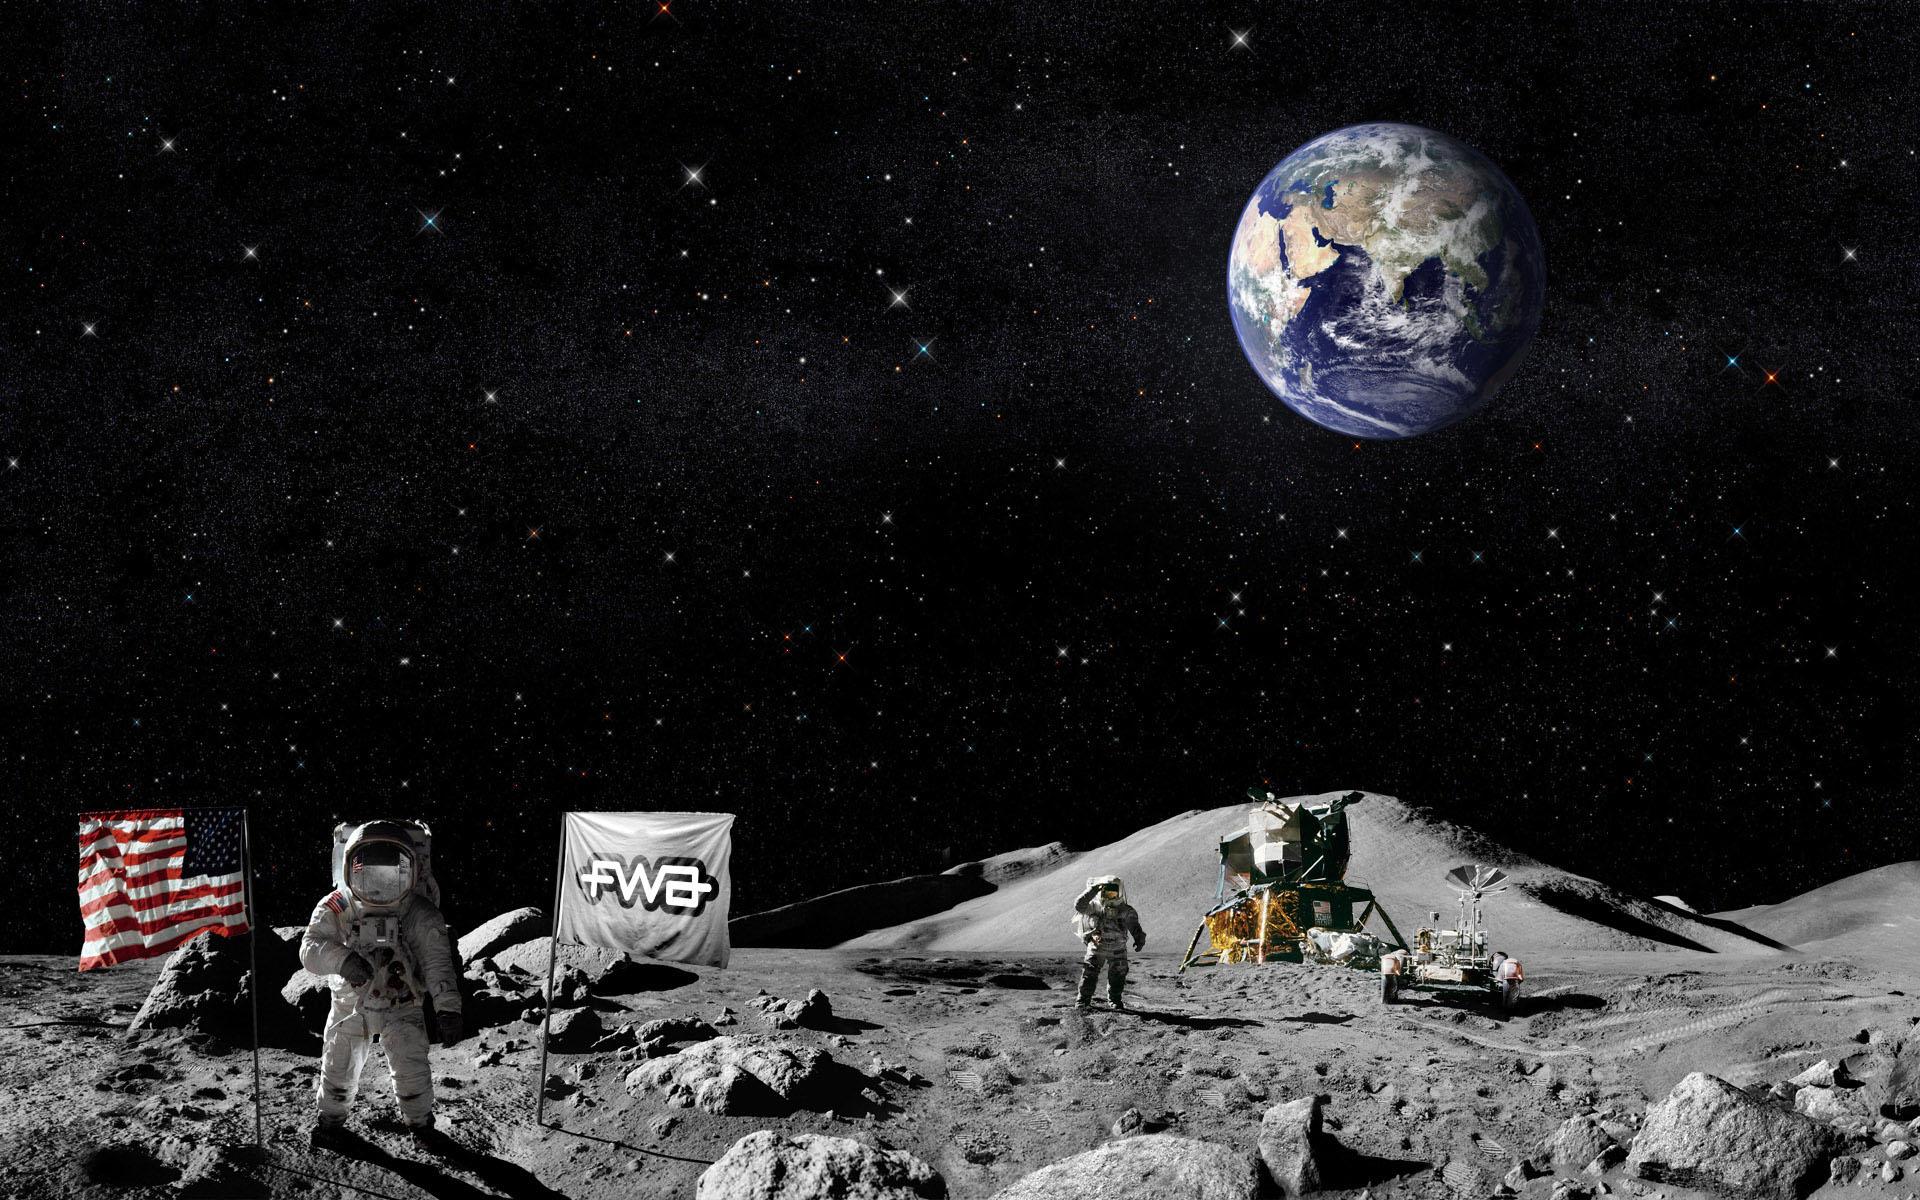 фото земли с луны высокого разрешения екатеринбурга оценивали актуальность